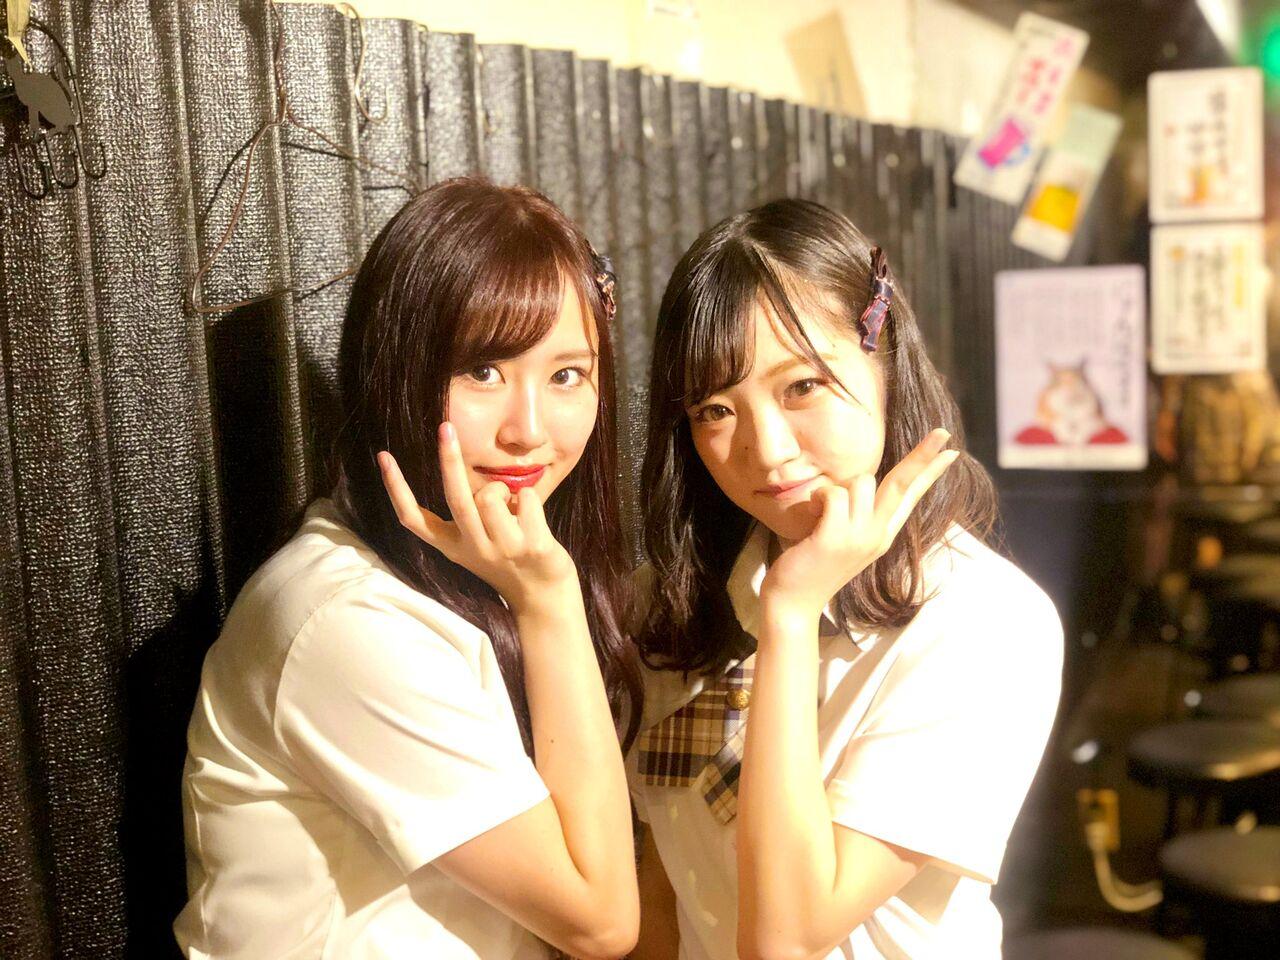 小林 莉奈(NMB48 研究生)って誰だよ?